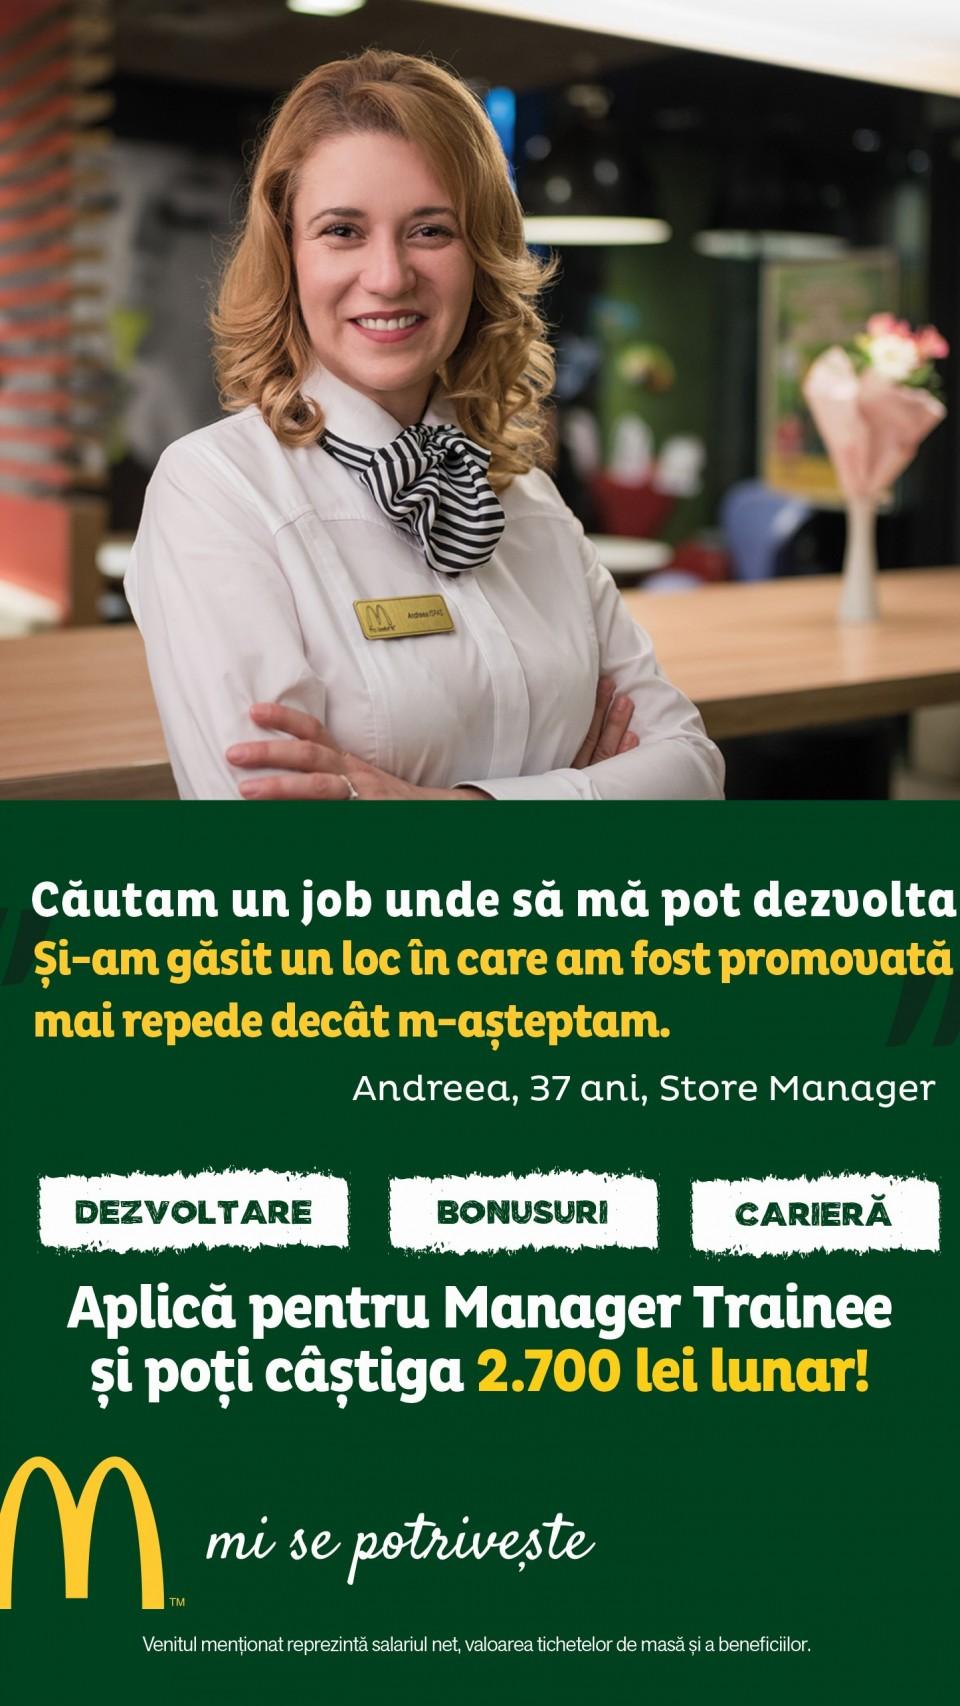 Satu Mare McDonald's McDonald's în RomâniaCei 4.500 de angajați ai McDonald's în România știu ce înseamnă puterea unui zâmbet.Echipa McDonald's e formată din oameni muncitori, ambițioși, pentru care interacțiunea cu alți oameni este o bucurie. În fiecare zi, angajații McDonald's întâmpină peste 200.000 de clienți.Ne dorim să aducem în echipa noastră colegi dornici să învețe și să crească în cadrul unei echipe puternice și ambițioase.McDonald's a deschis primul restaurant în România pe 16 iunie 1995, în Unirea Shopping Center din București. A fost primul pas în construirea unei povești de succes, care se dezvoltă în fiecare an.În 2016, McDonald's în România a devenit Premier Restaurants România, ca urmare a parteneriatului pentru dezvoltare încheiat cu Premier Capital, compania malteză care coordonează operațiunile McDonald's din șase țări europene: Estonia, Grecia, Letonia, Lituania, Malta și România.Astăzi, McDonald's are 74 de restaurante în 22 de orașe din România și este liderul pieței de restaurante cu servire rapidă. În același timp, lanțul McCafé, are în prezent 29 de cafenele în România și crește de la an la an.http://mcdonalds.ro